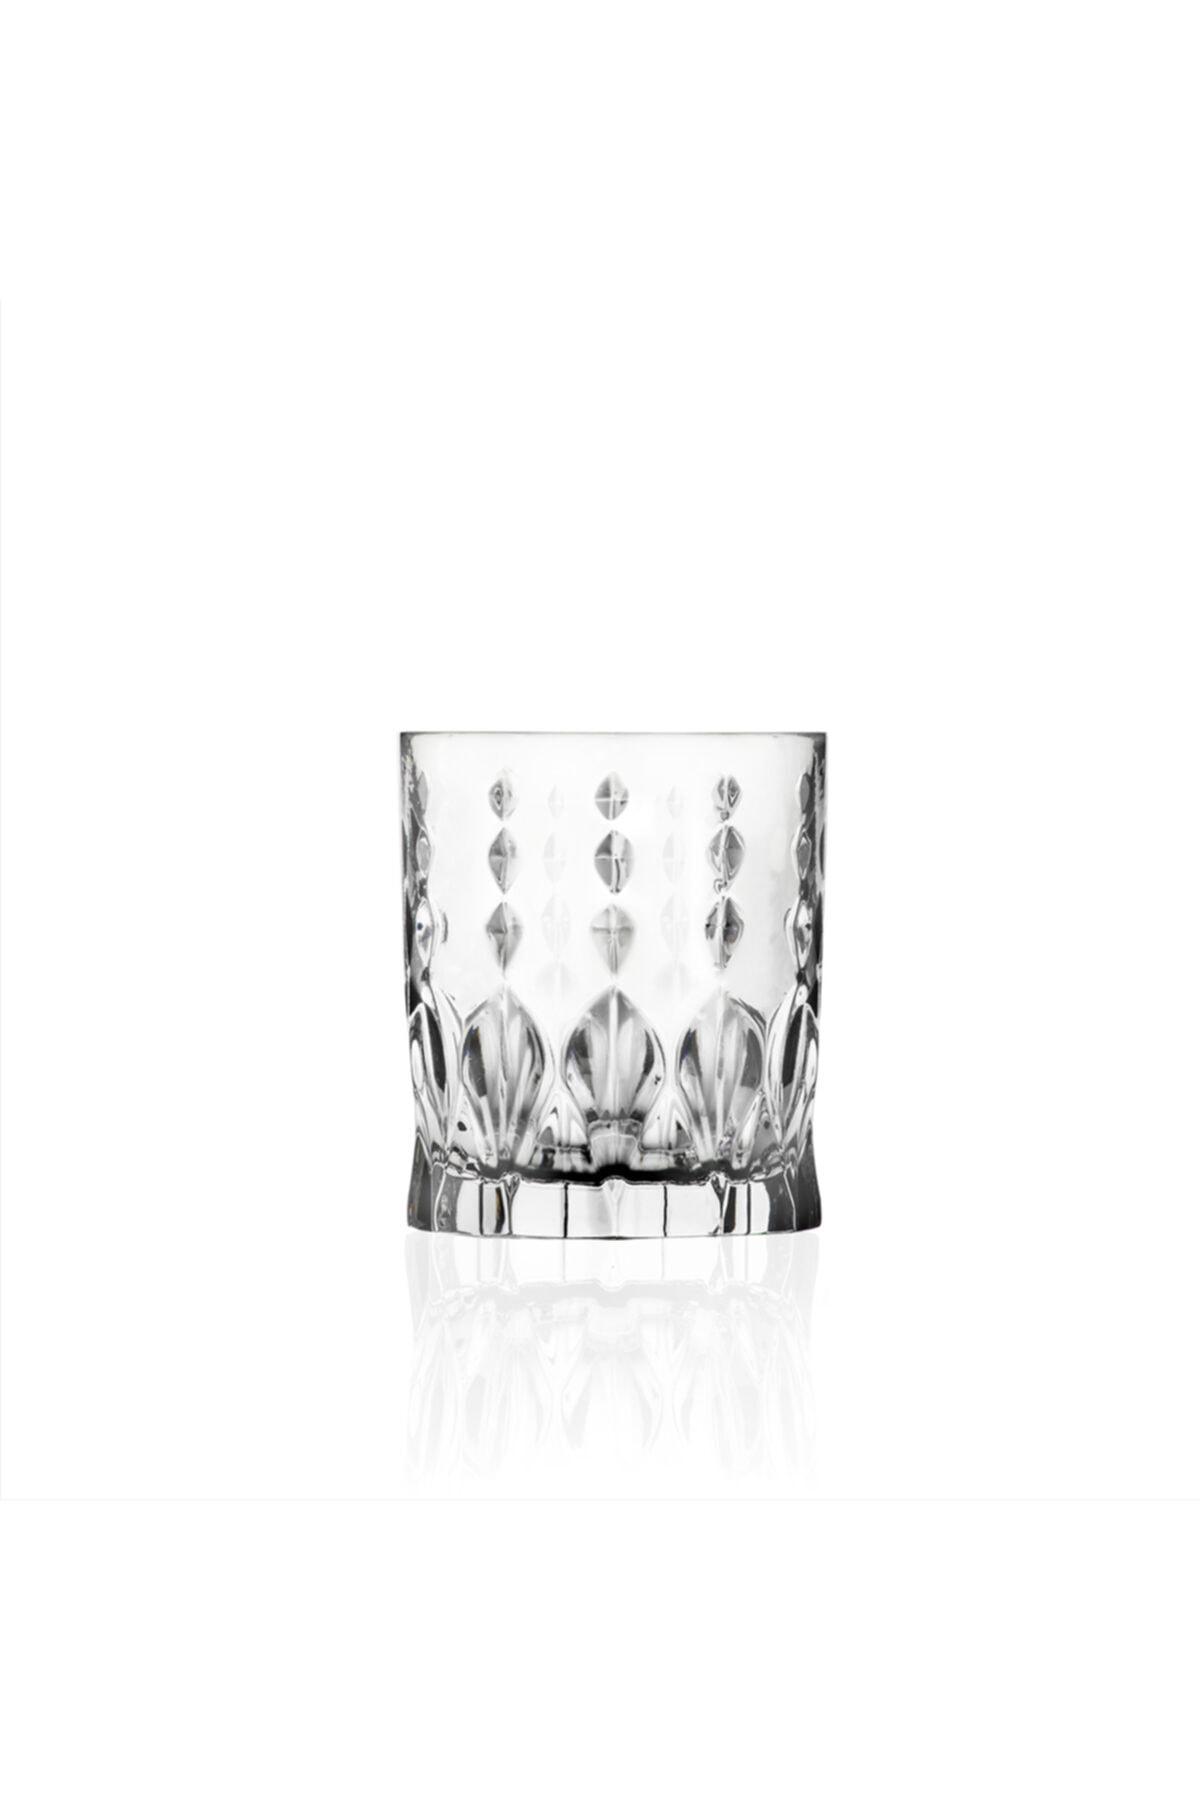 RCR Crystal Rcr Marilyn Viski & Kokteyl Bardağı 320 Ml 6'lı 2